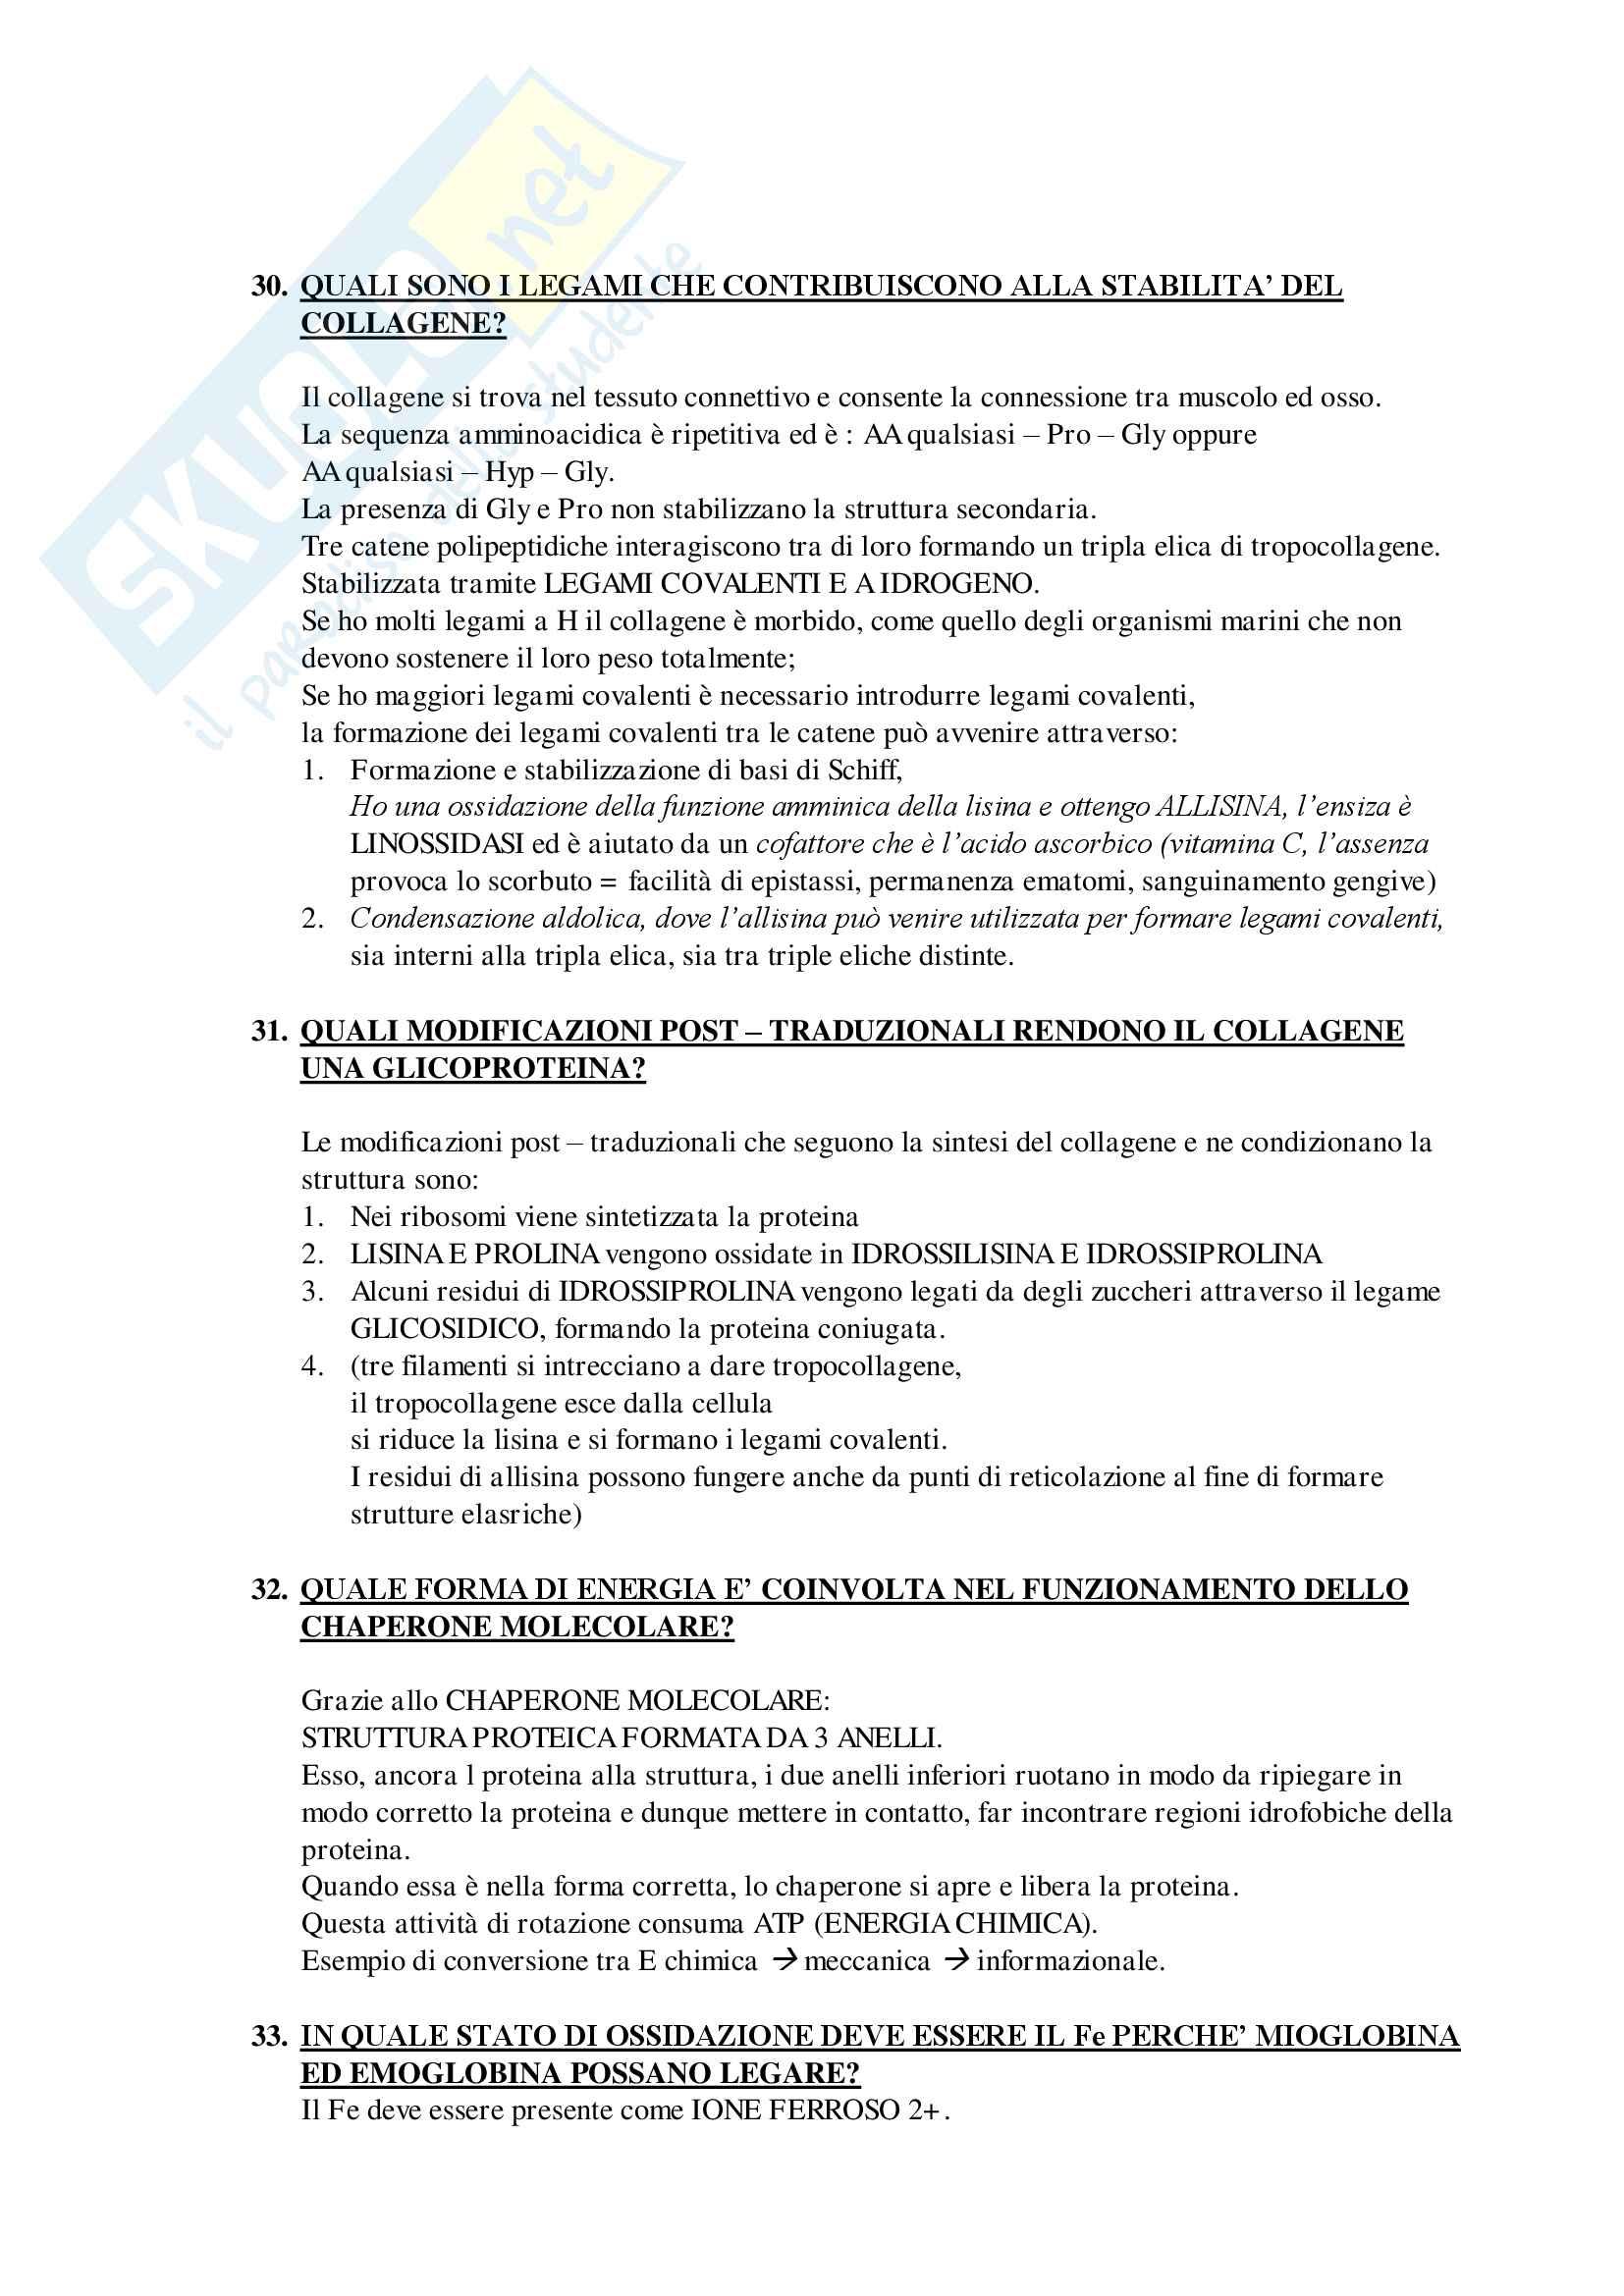 Domande e Risposte Esame Biochimica Generale Mod.1 Primo Parziale Pag. 11